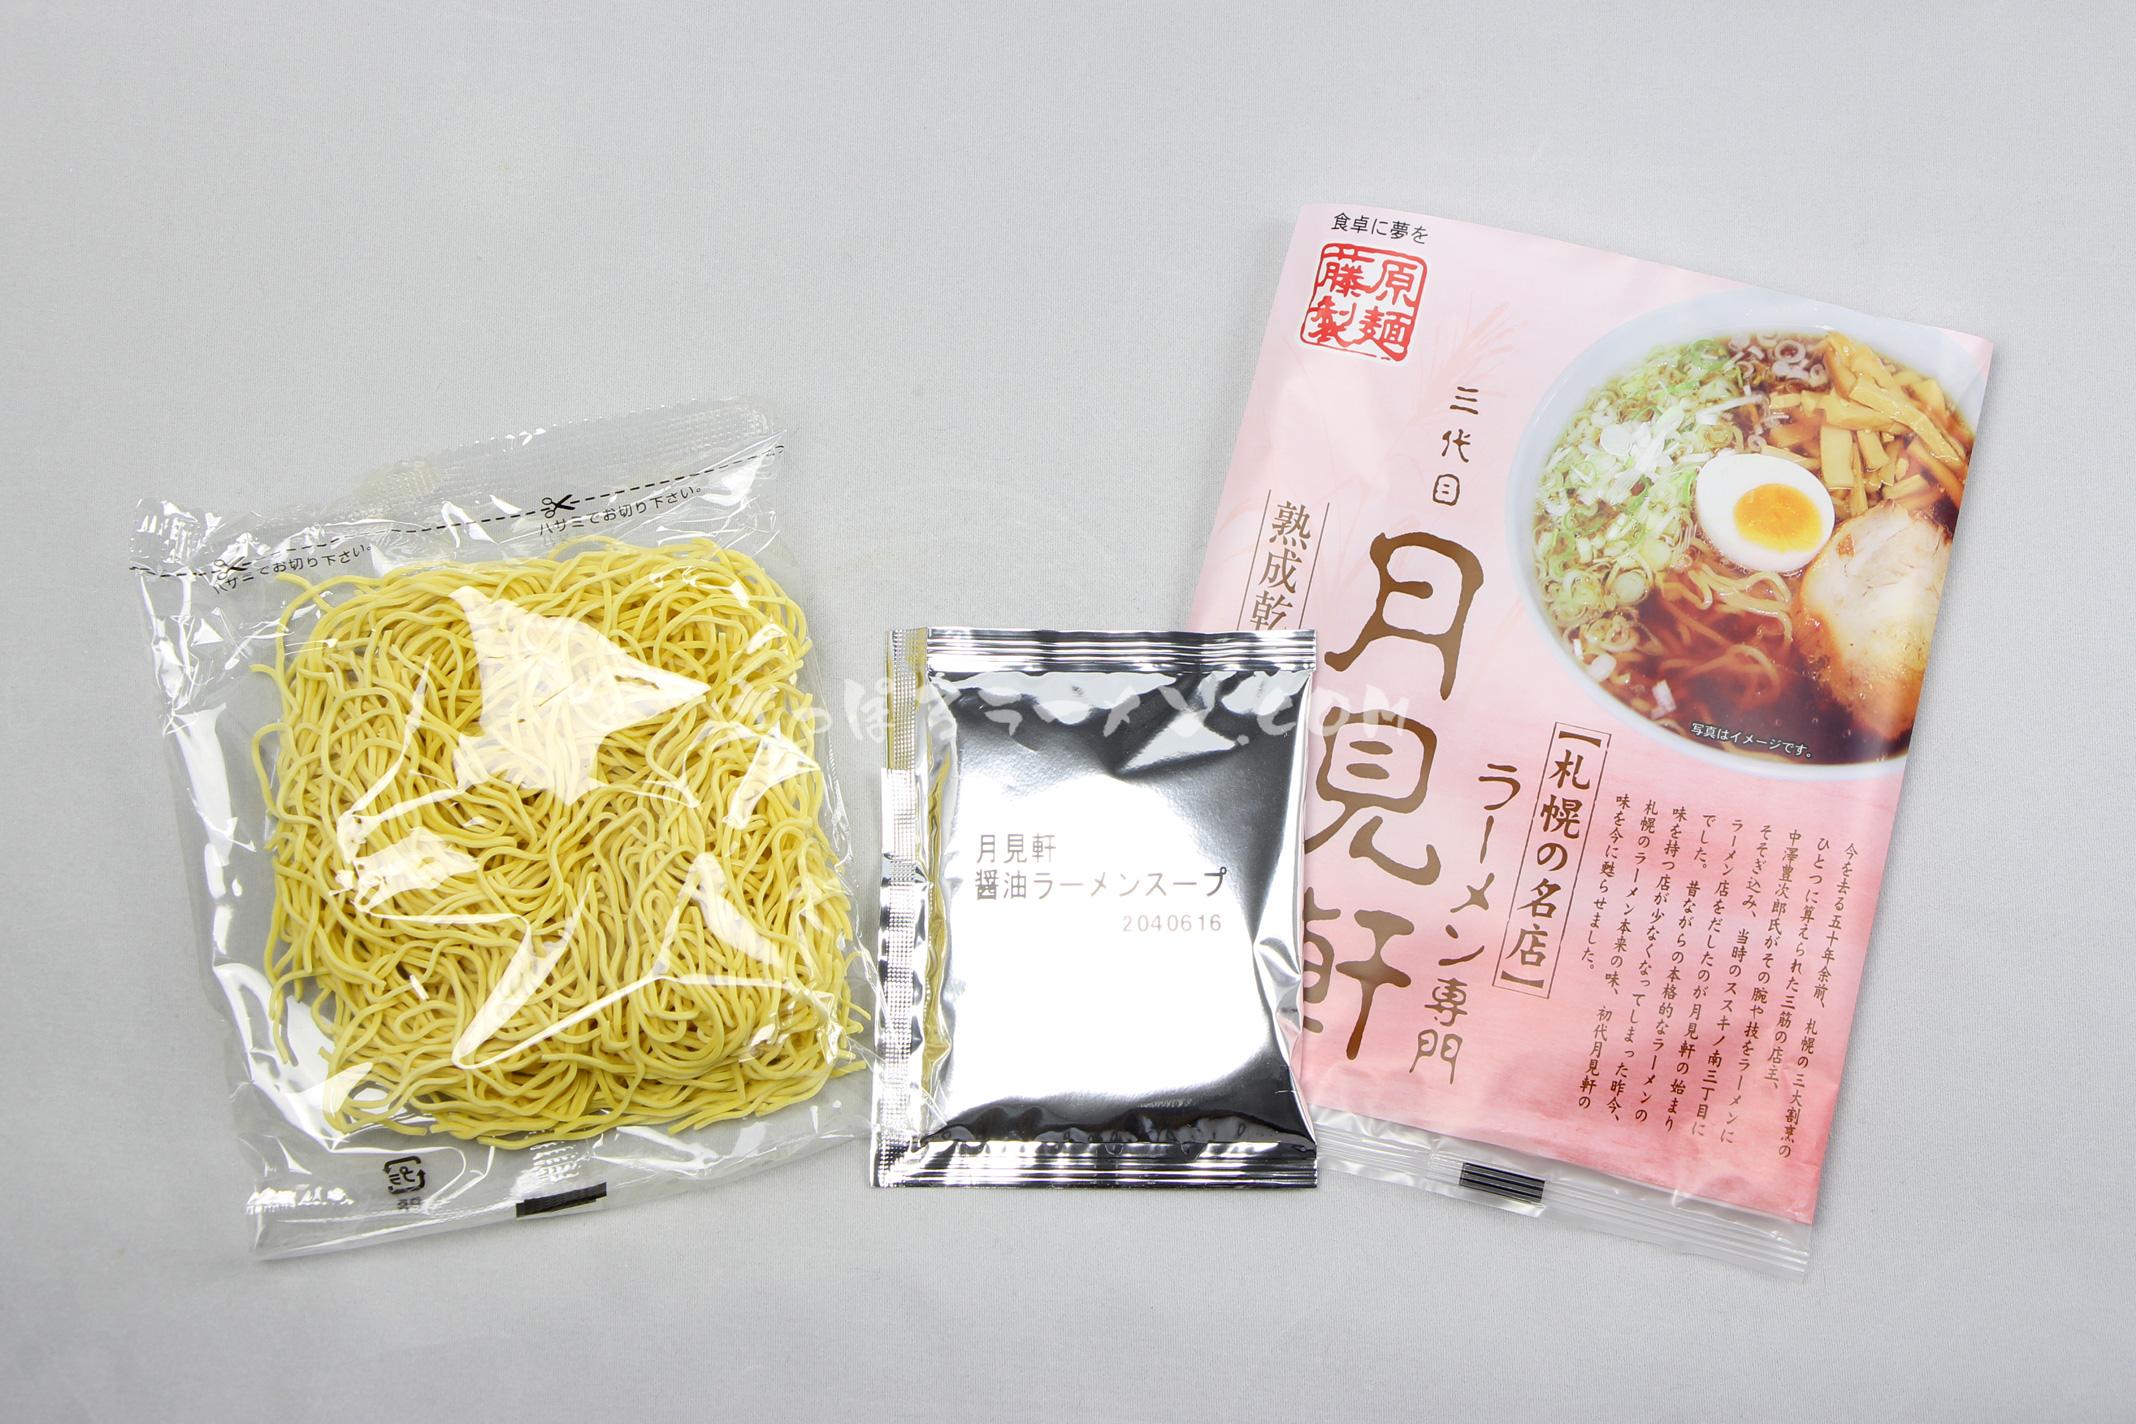 「ラーメン専門 三代目 月見軒 醬油味」(藤原製麺)の麺とスープ